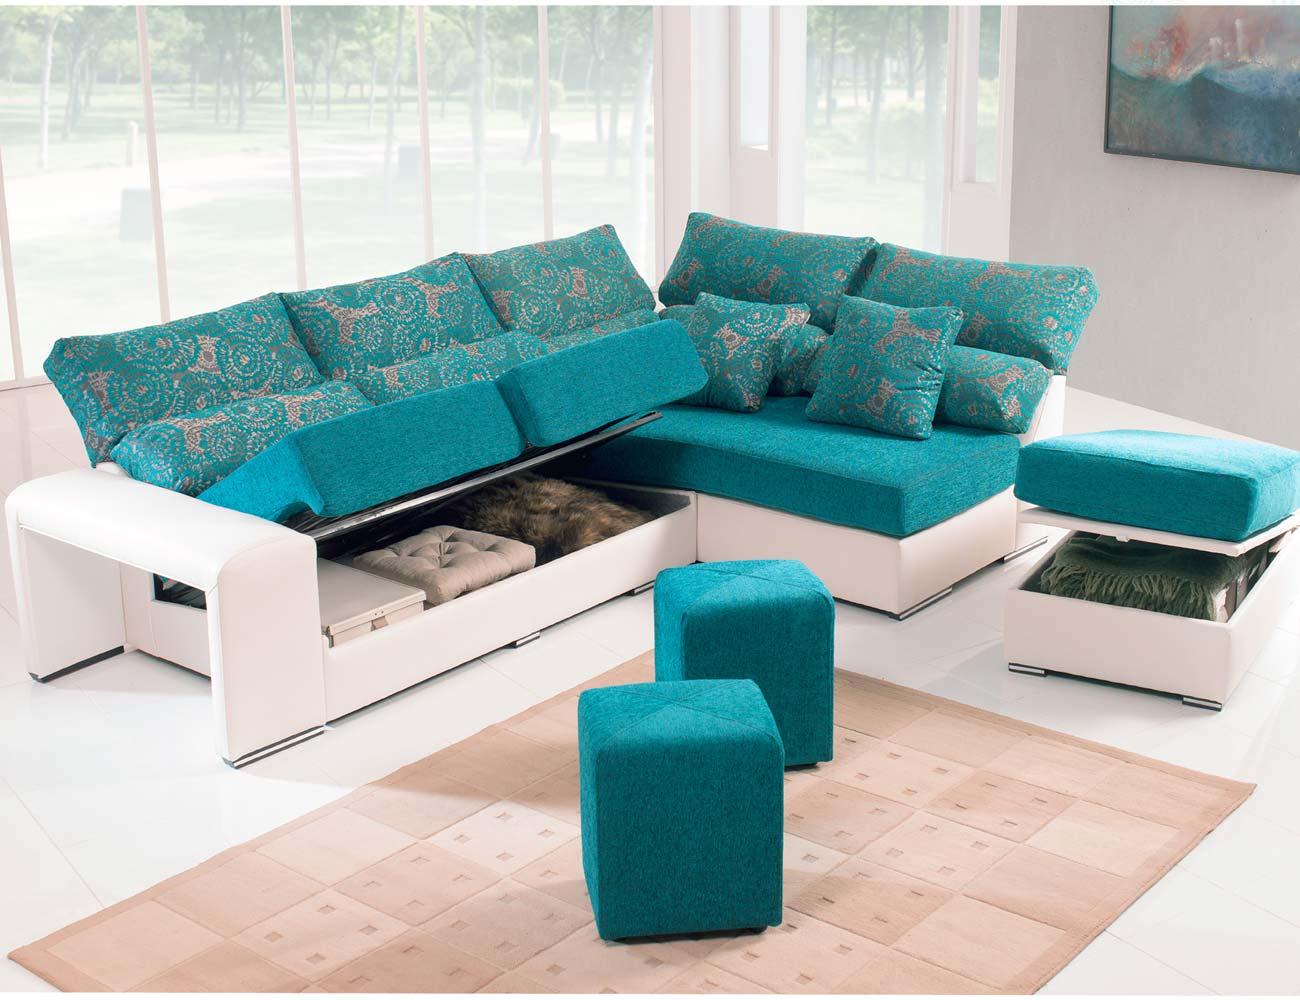 Sofa chaiselongue rincon puff arcon taburete12